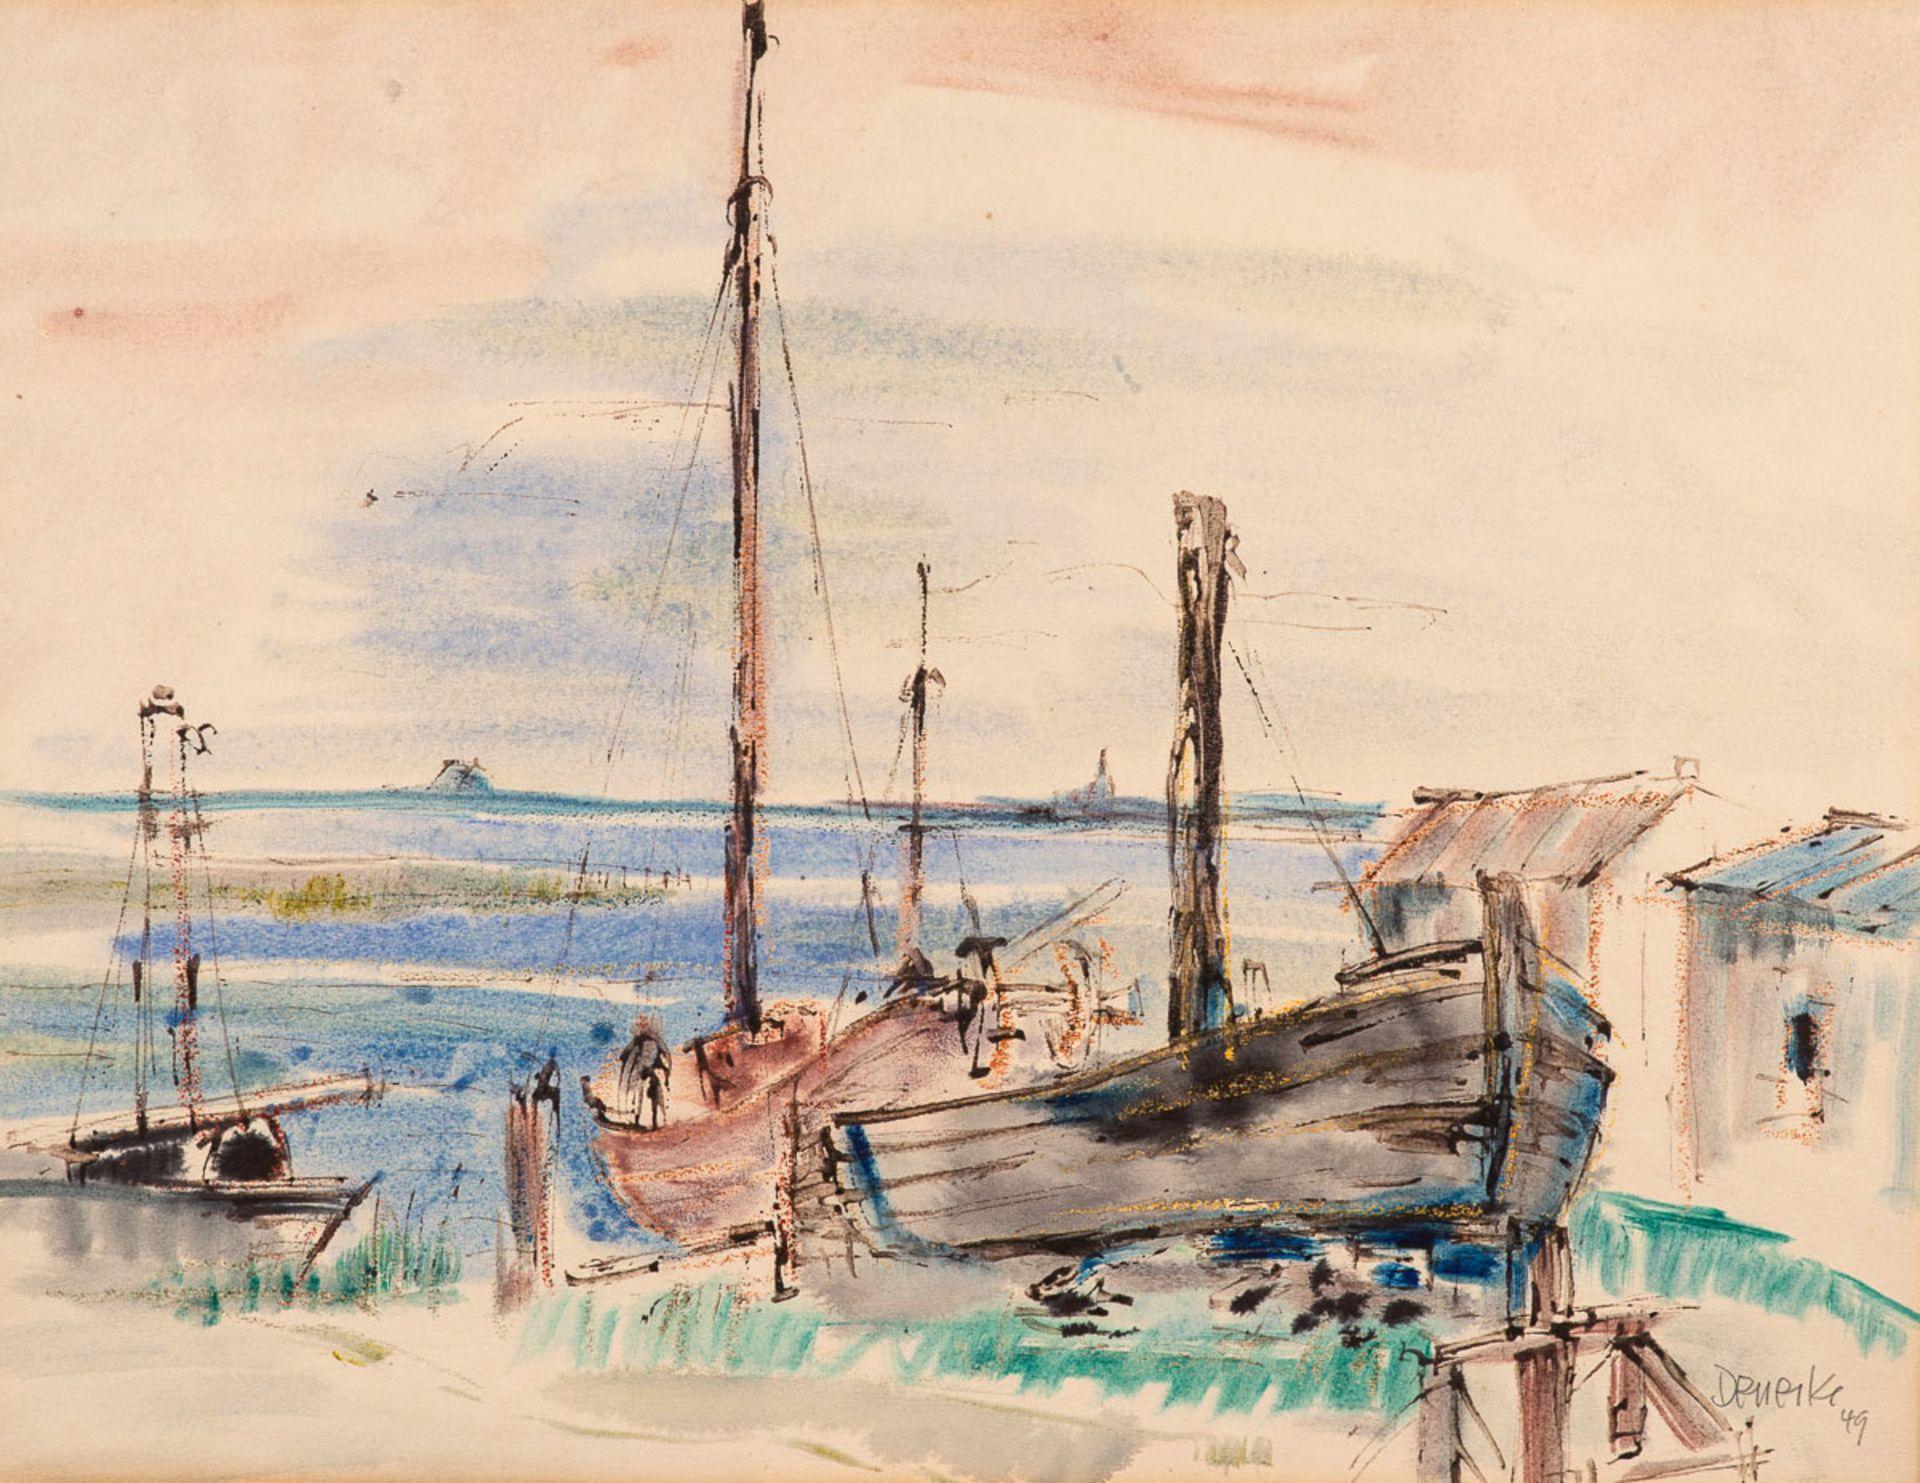 Walter Denecke – Bootswerft. Zingst a. d. Darß. 1949.